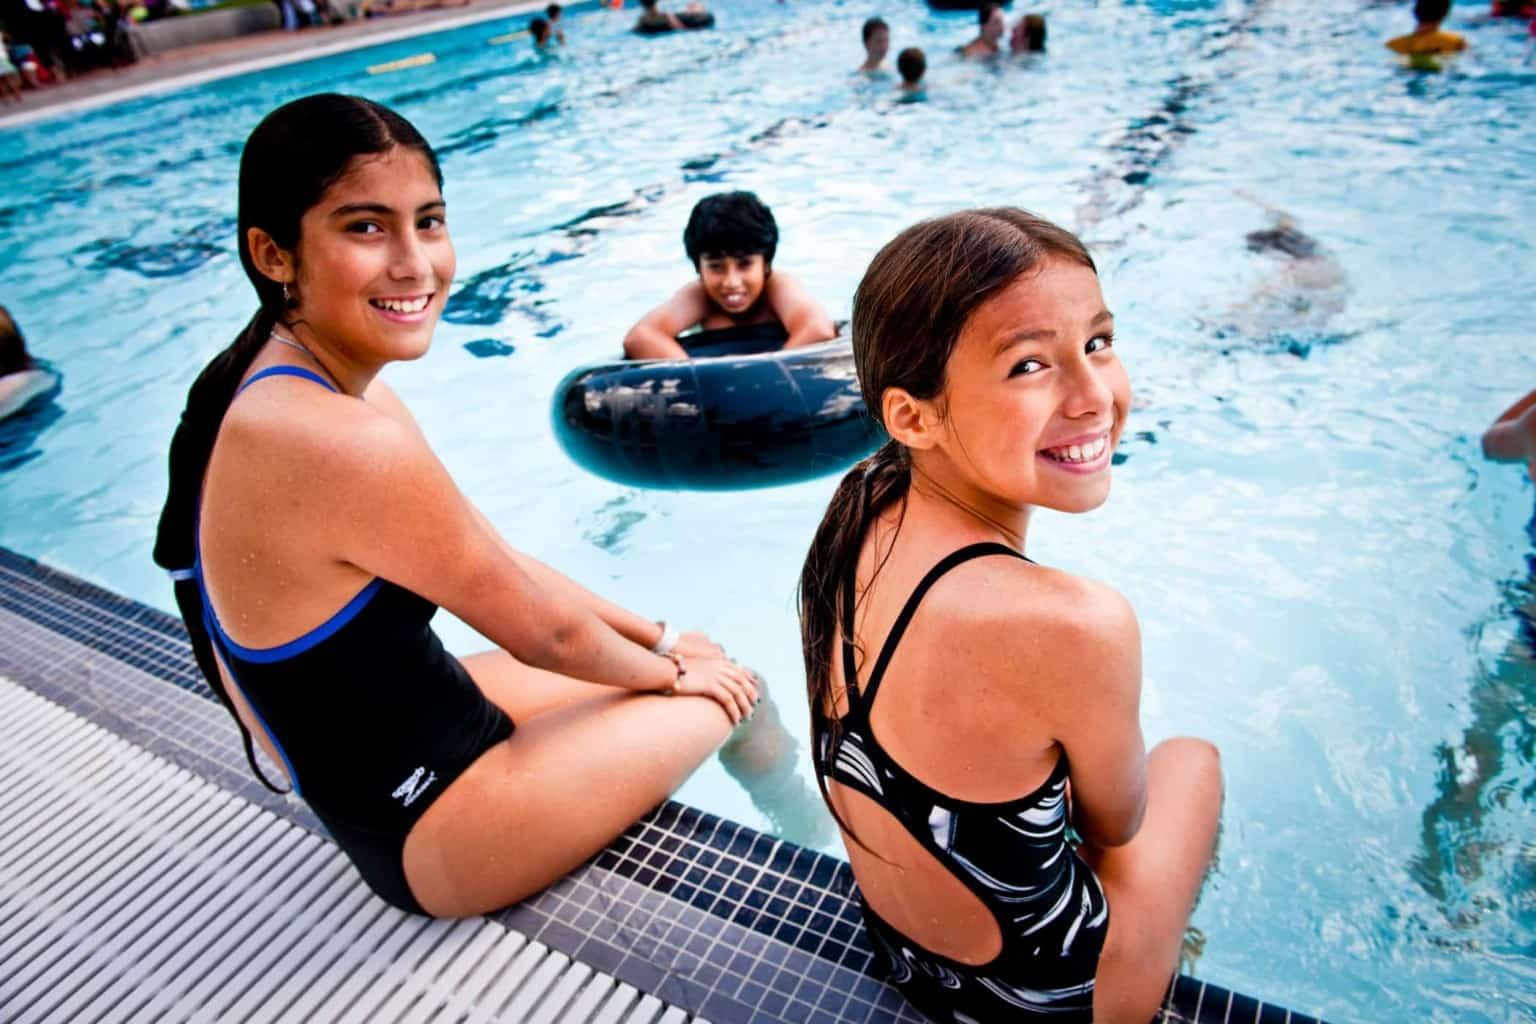 Girls smiling at swimming pool